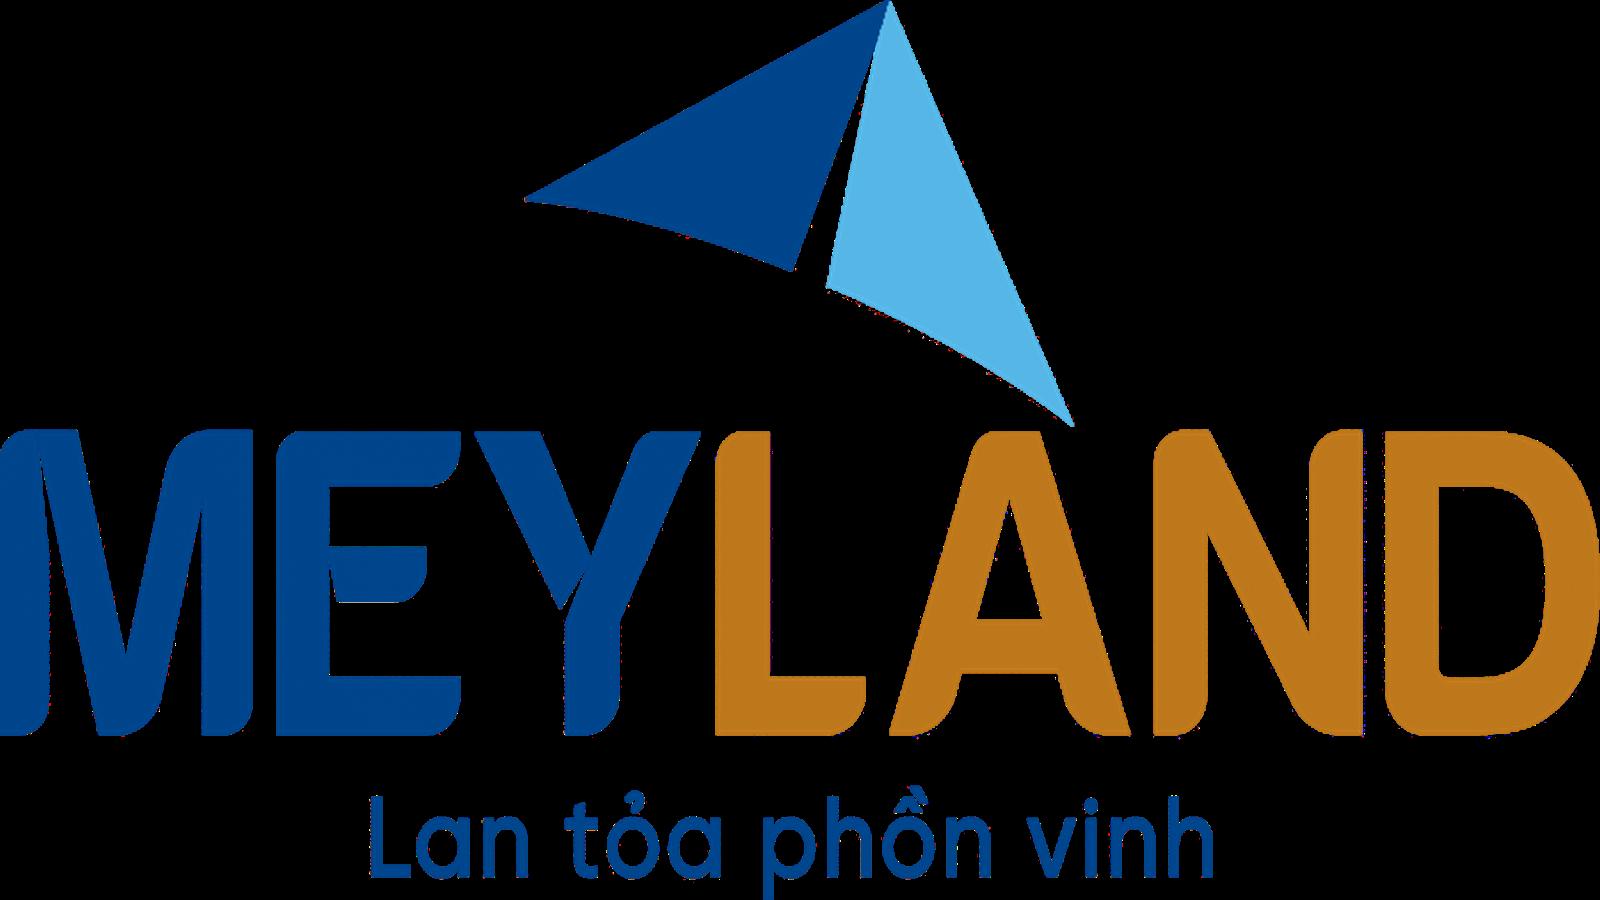 Cập nhật bảng giá Meyhomes Capital Phú Quốc | GIÁ BÁN & ƯU ĐÃI【03/2021】từ Chủ đầu Tư. 2021 8